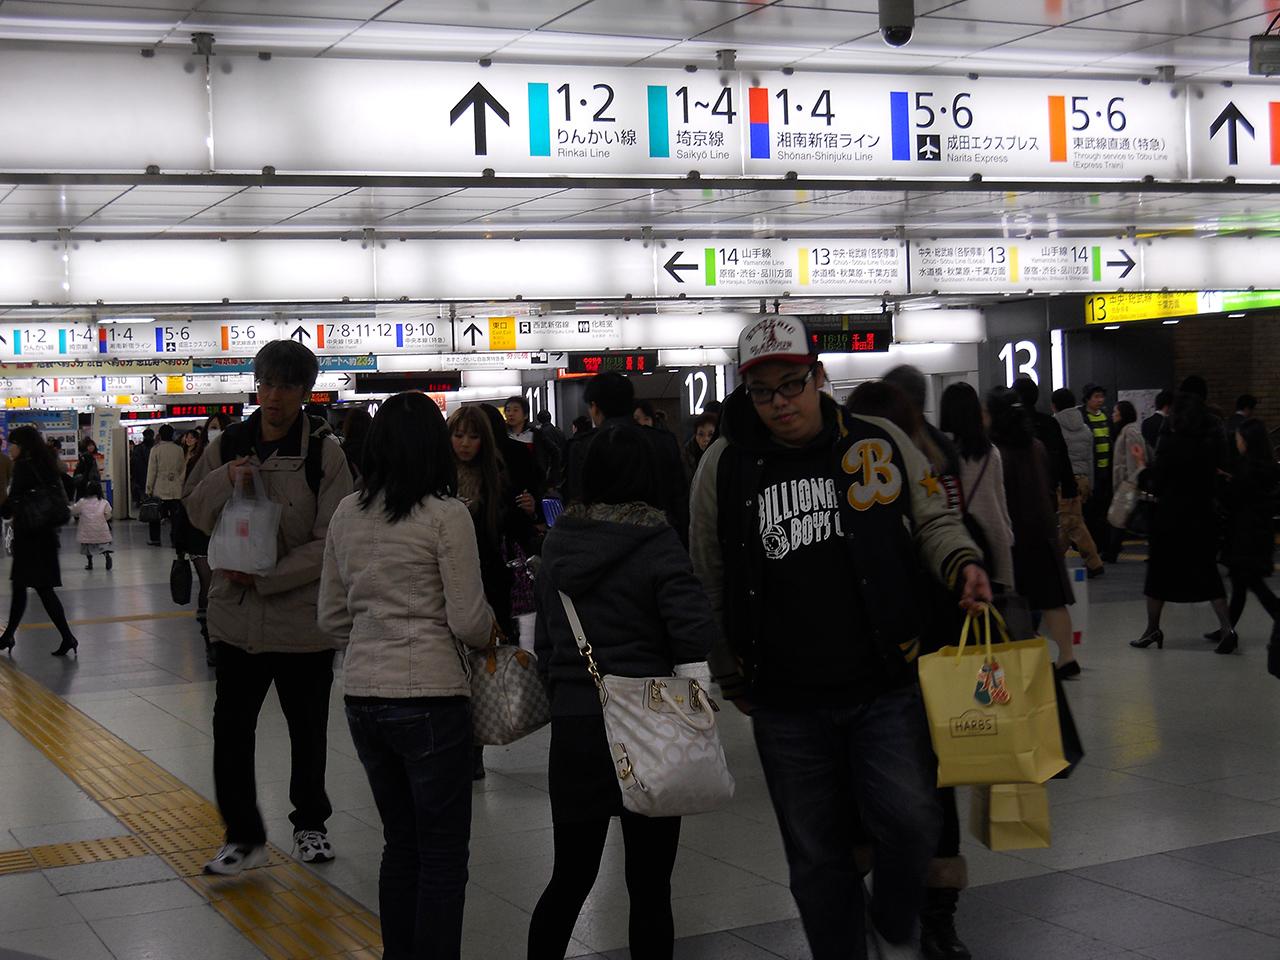 สถานีชินจูกุ :สถานี รถไฟ ญี่ปุ่น ที่คนพลุกพล่านที่สุดในโลก